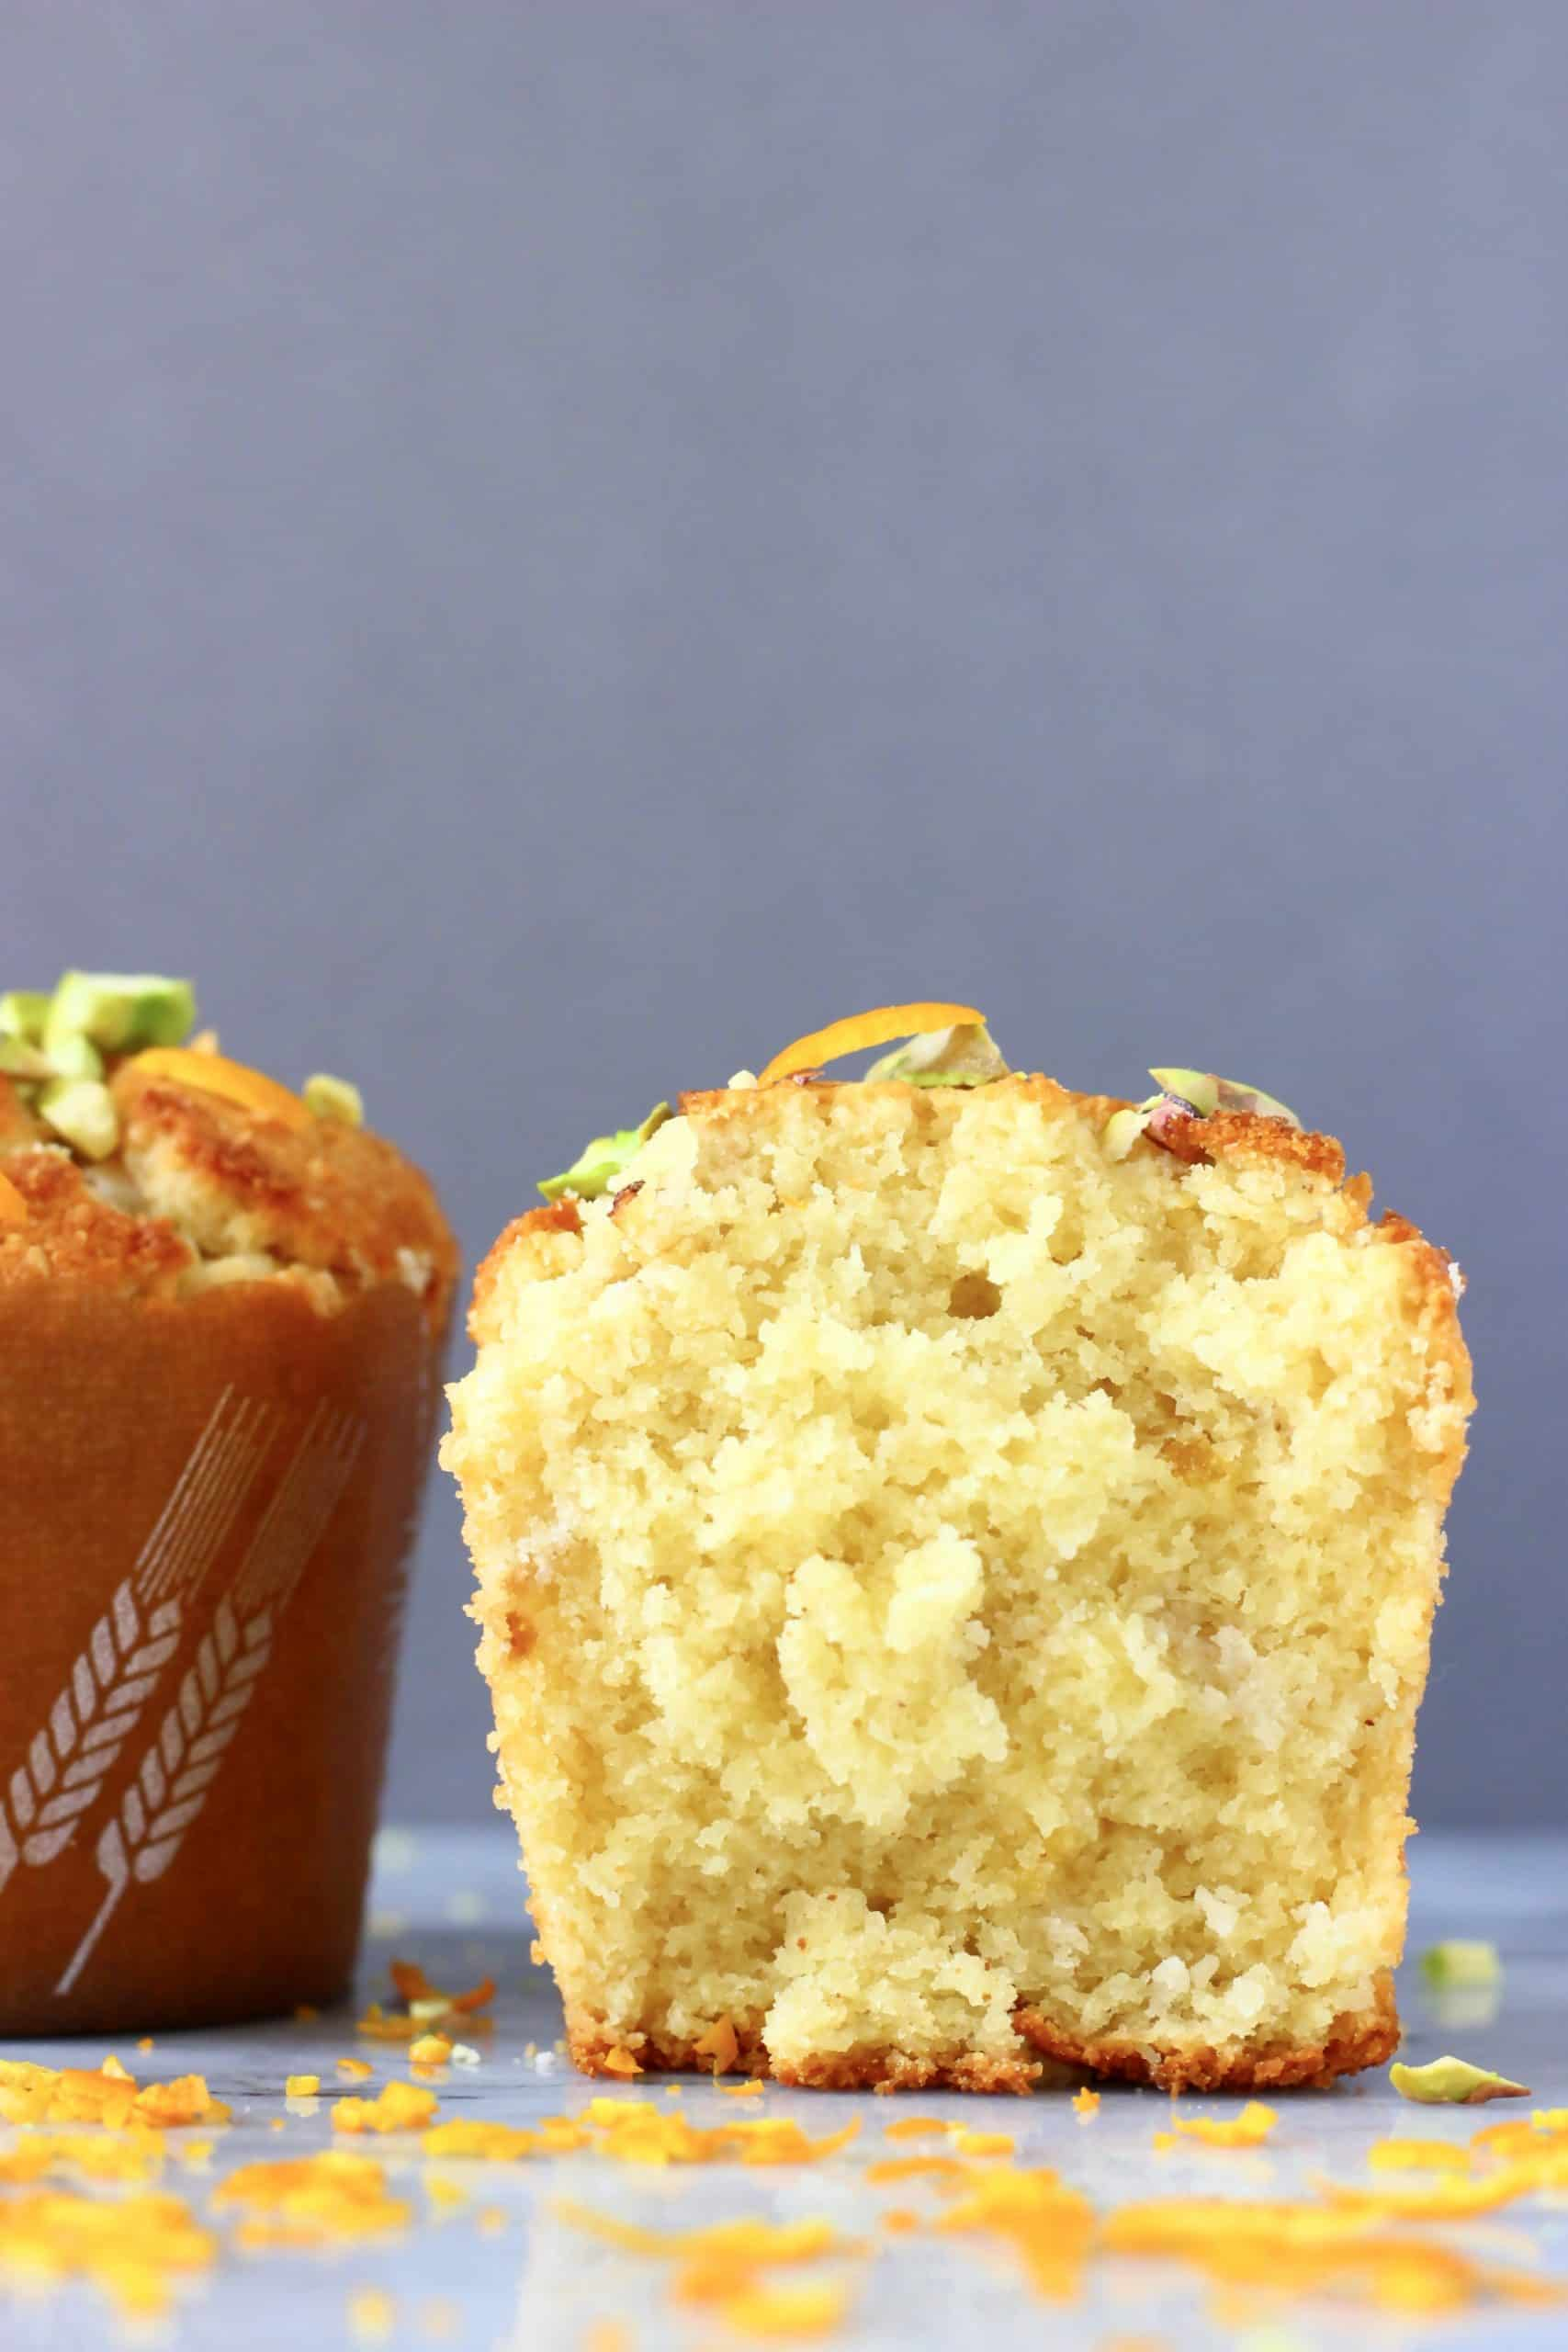 Two gluten-free vegan orange muffins, one cut in half